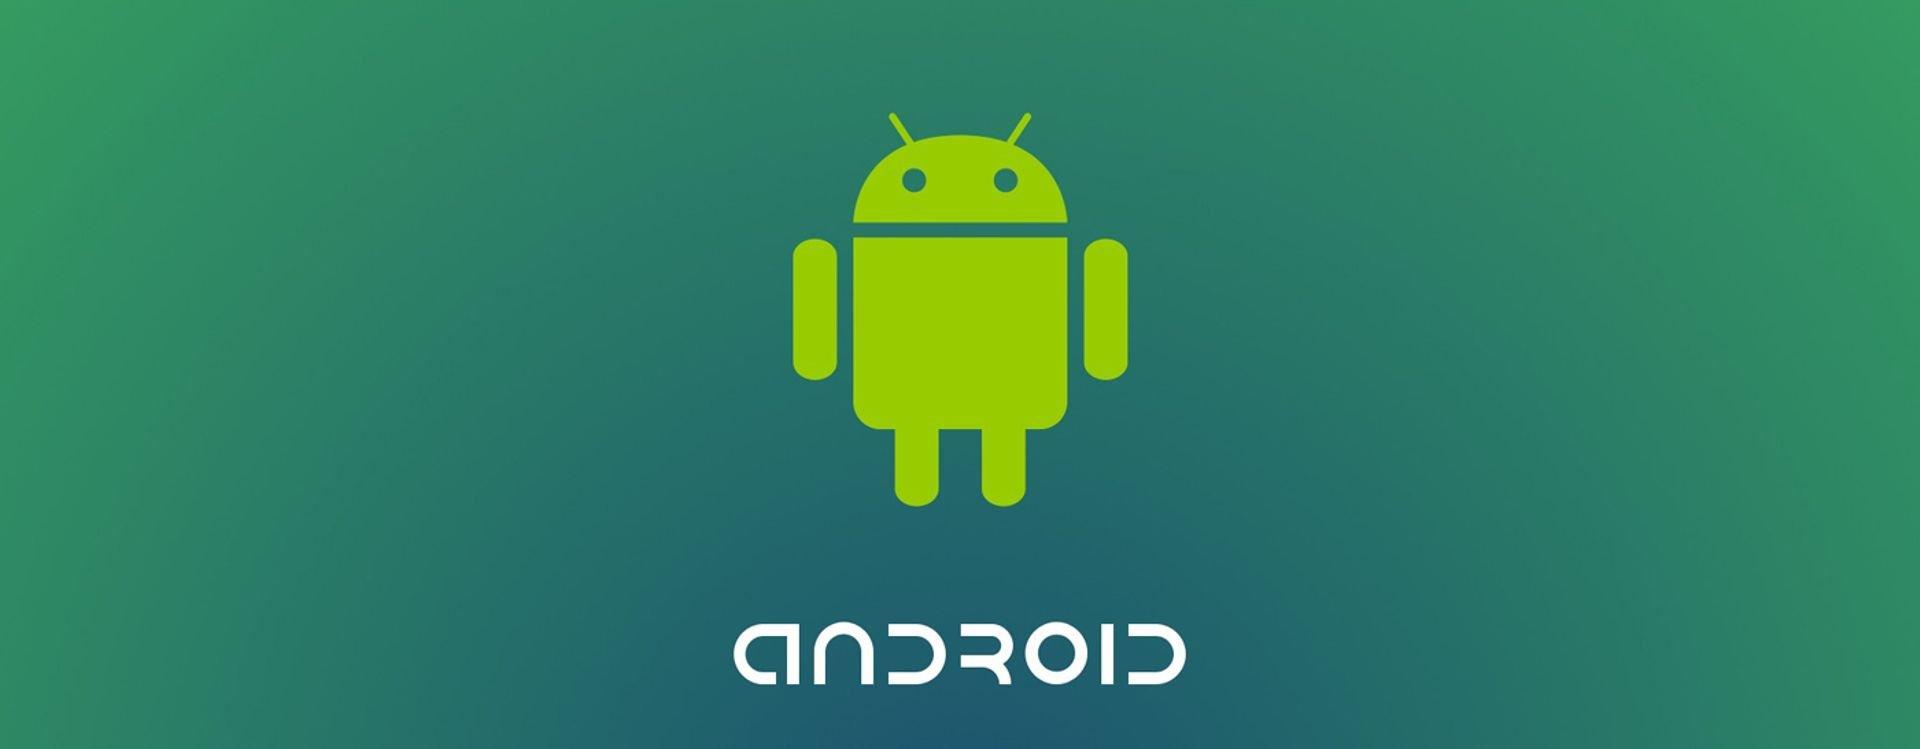 يتفوّق نظام التشغيل أندرويد على نظيره iOS لكونه ينتمي إلى البرمجيات مفتوحة المصدر.